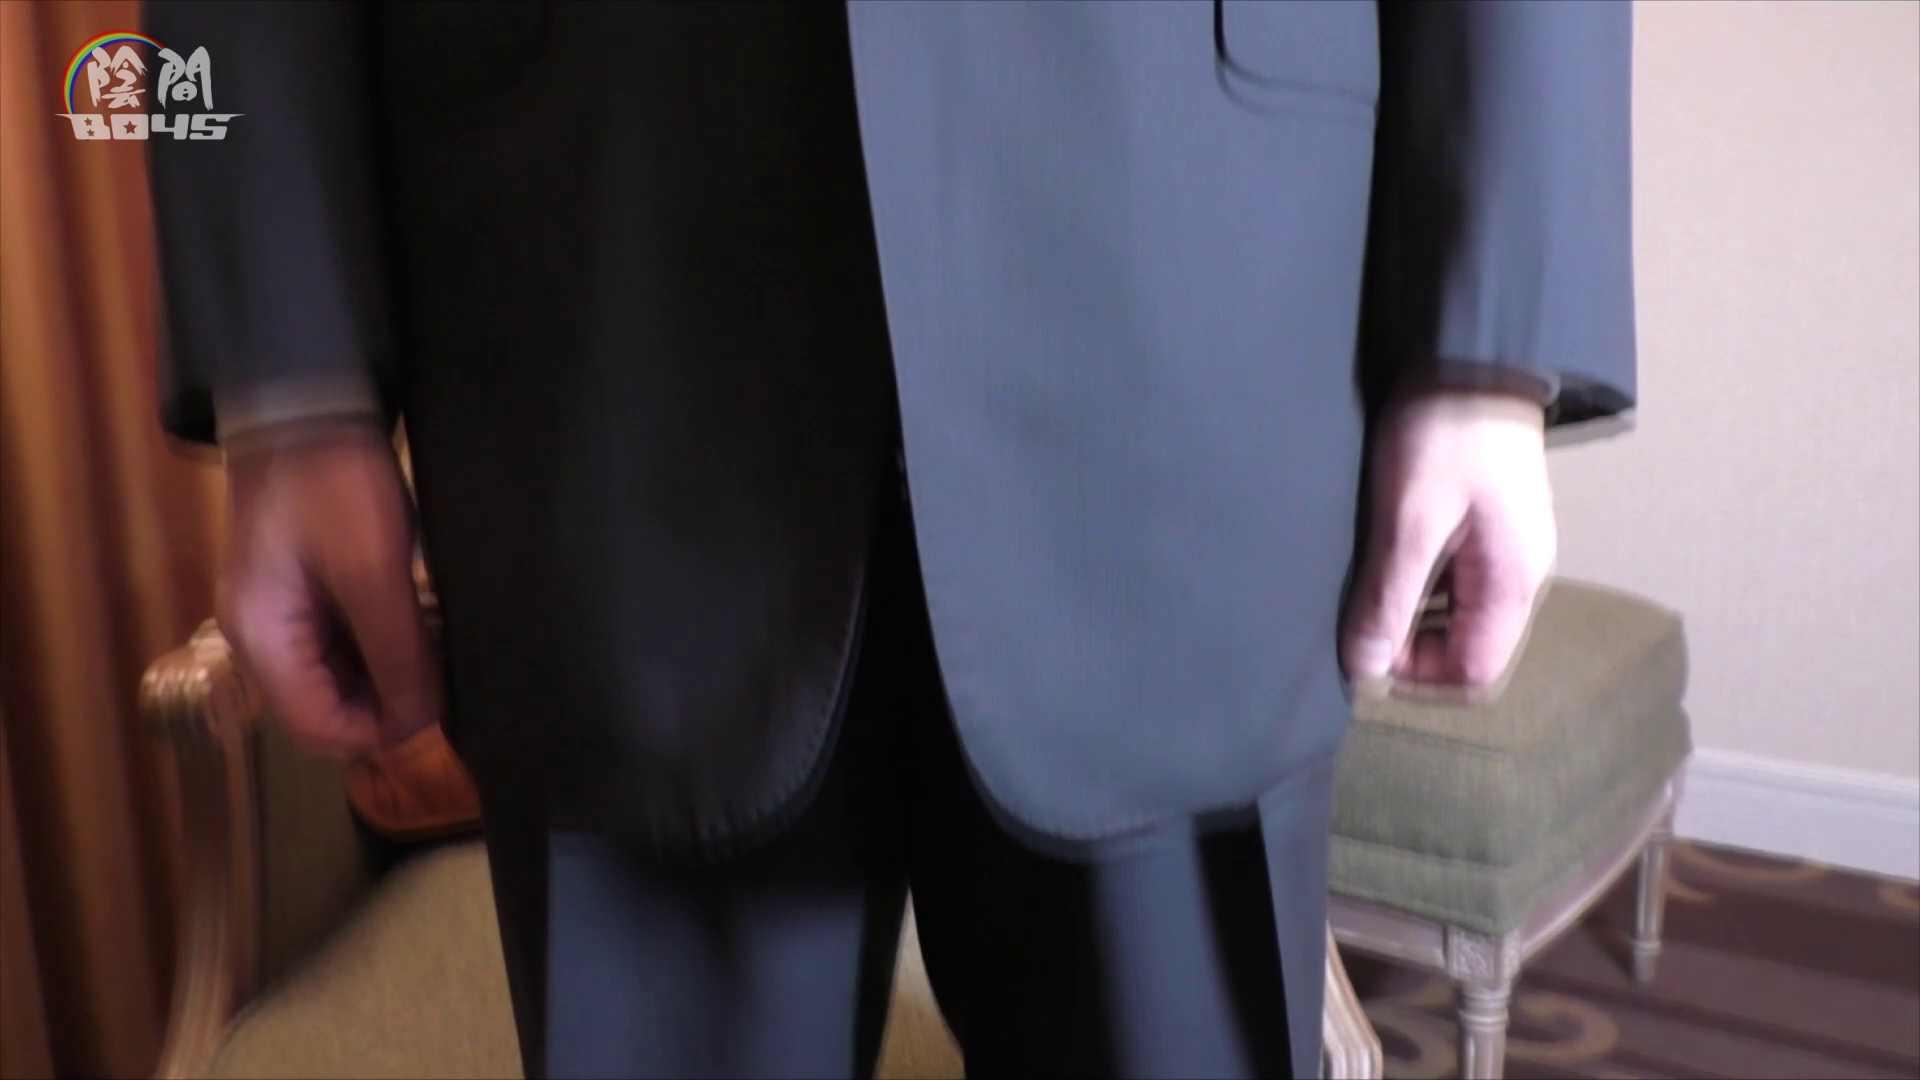 陰間BOYS~キャバクラの仕事はアナルから4 Vol.01 アナル ゲイザーメン画像 82枚 41